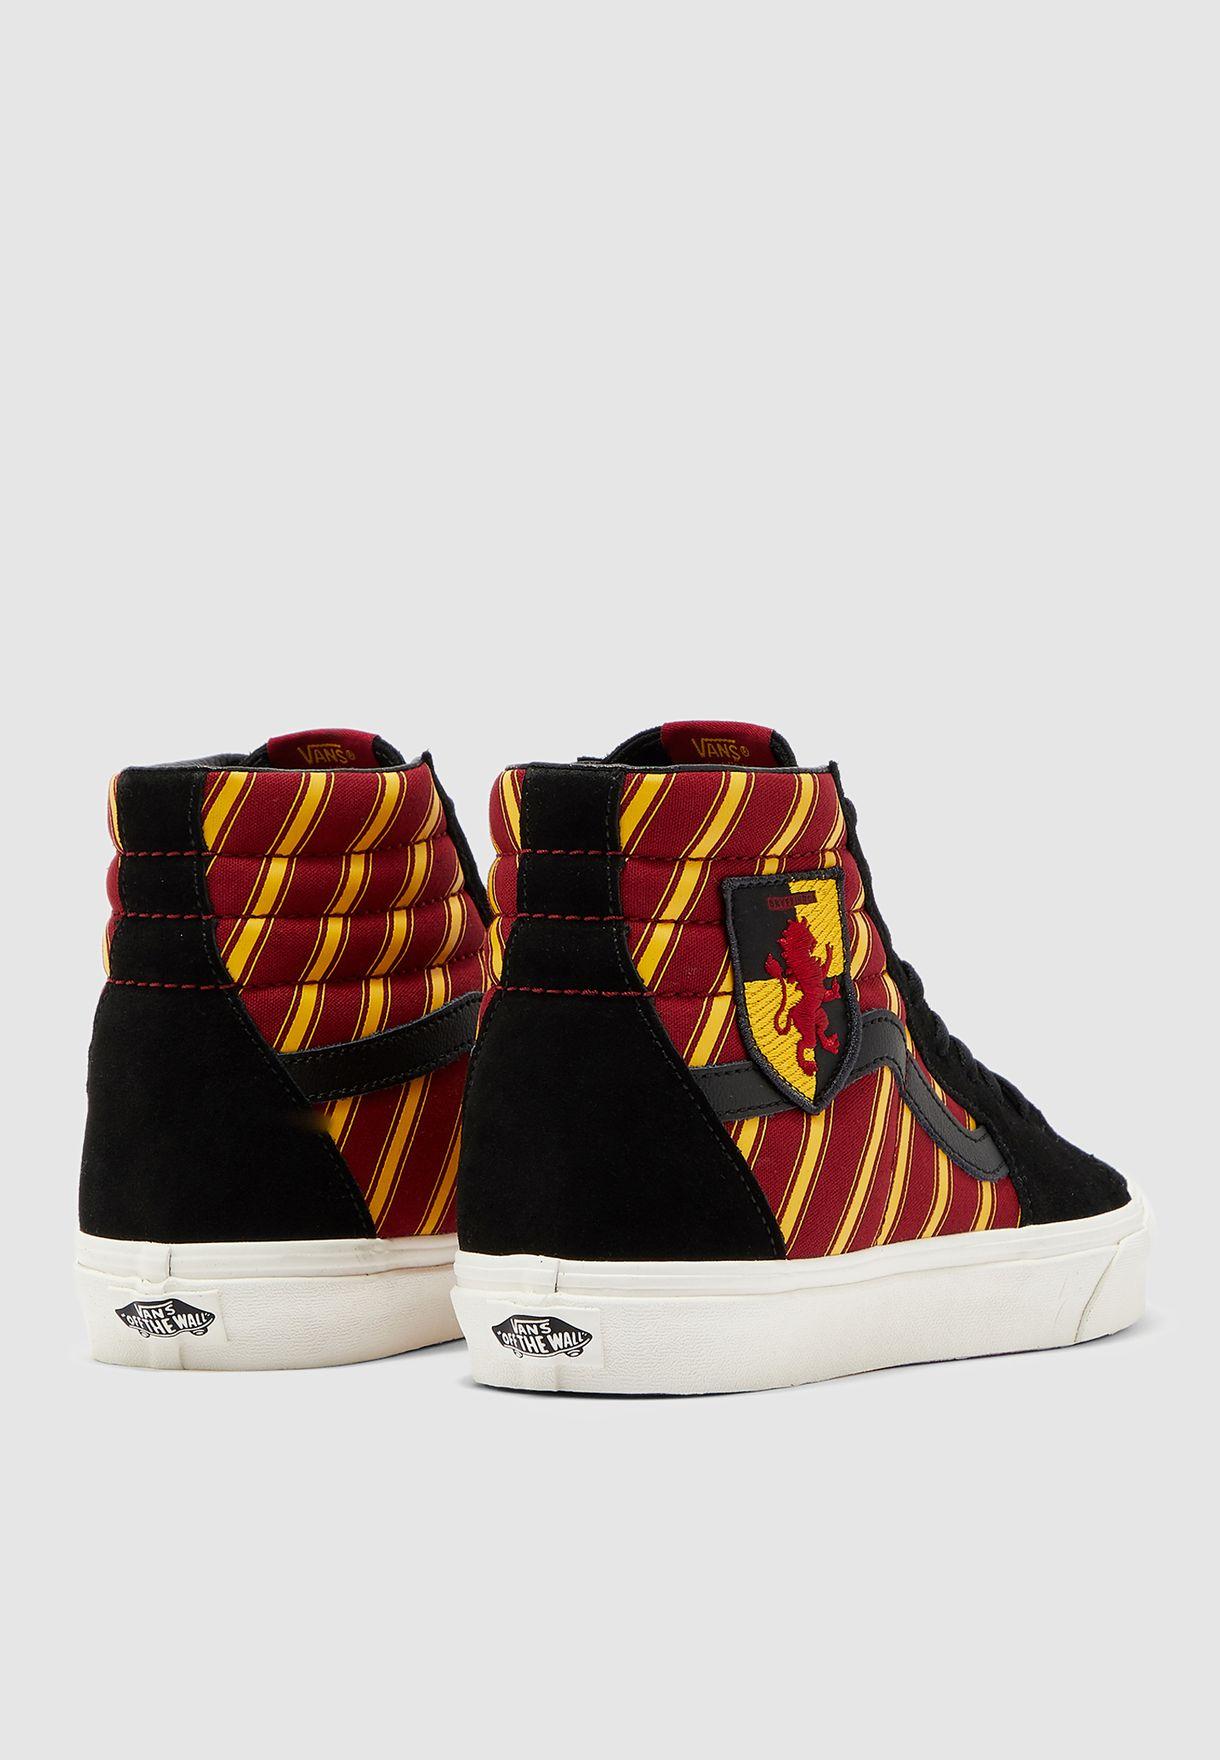 Harry Potter Gryffindor SK8-Hi